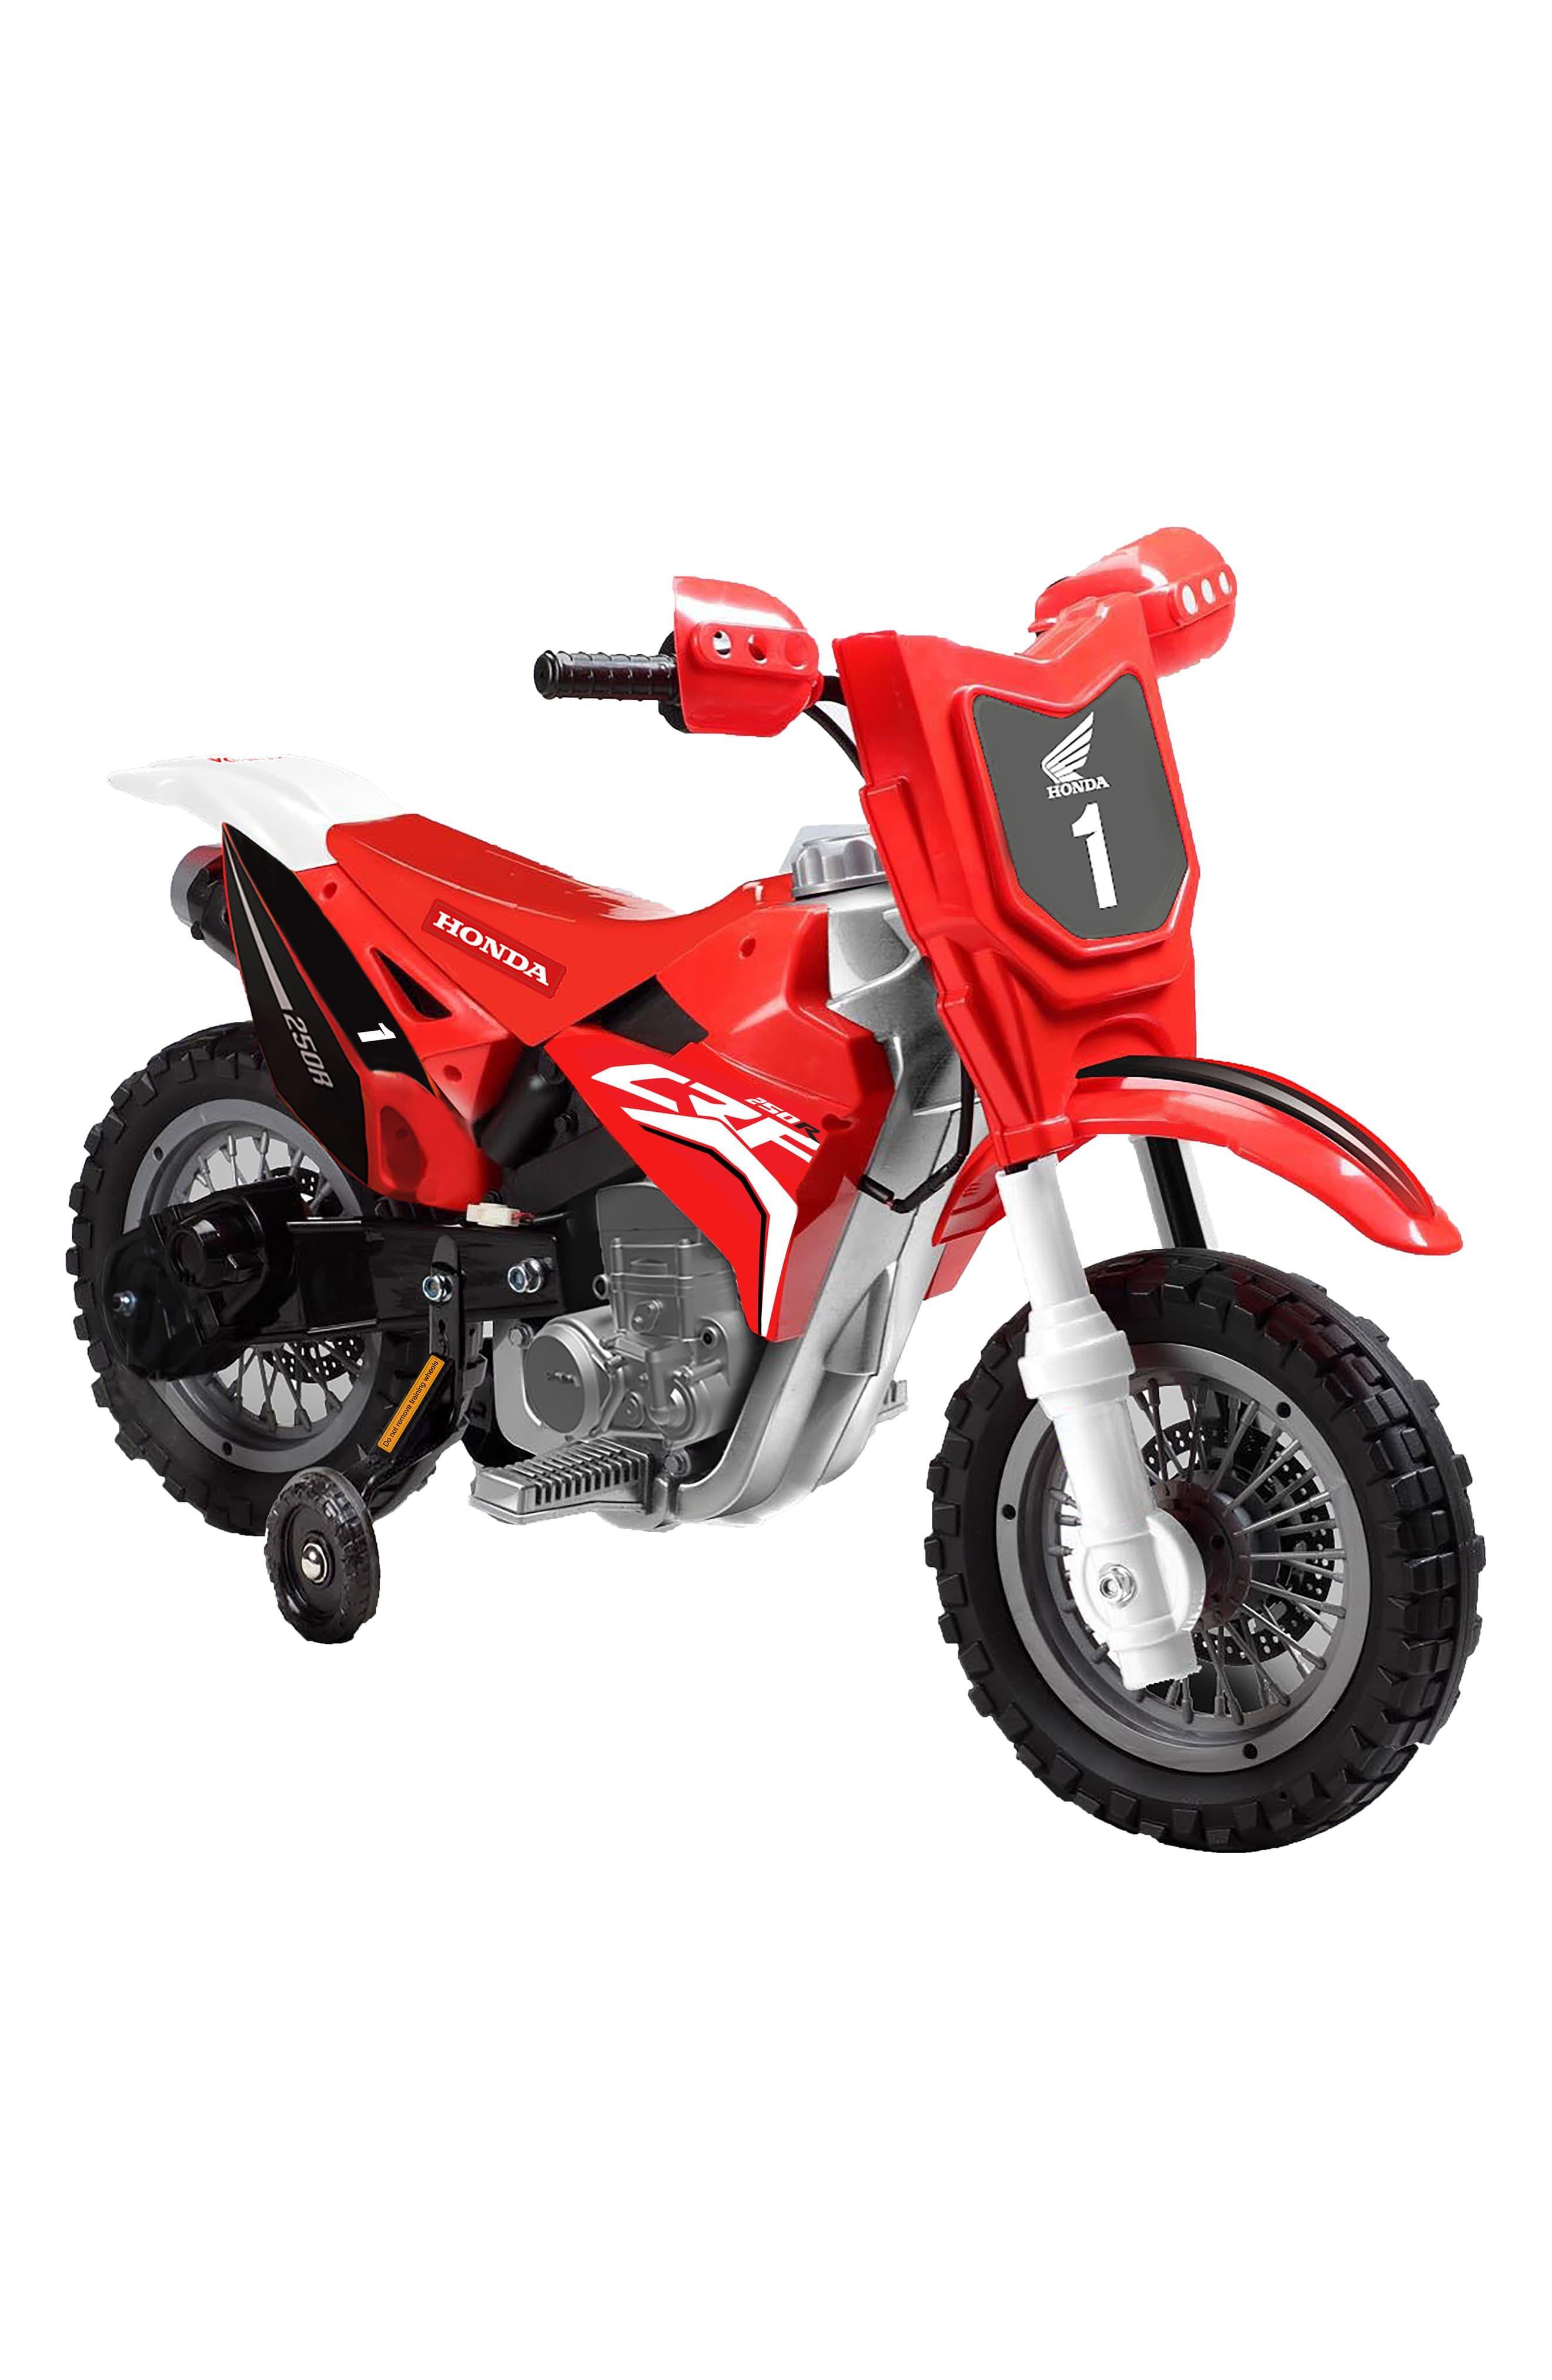 Best Ride On Cars Honda Dirt Bike Ride On Toy Motorcycle Honda